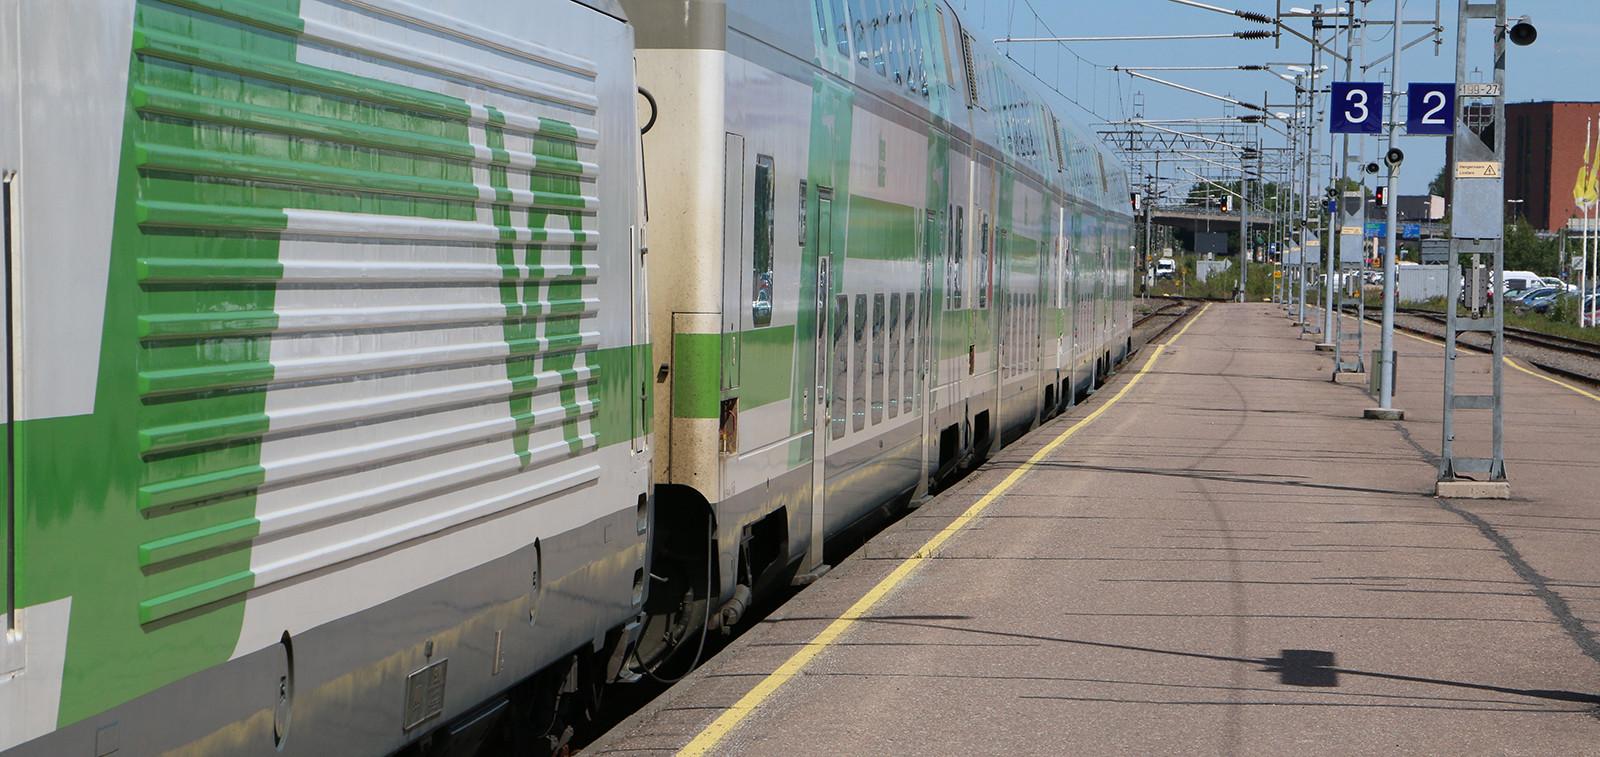 Juna Turun rautatieasemalla